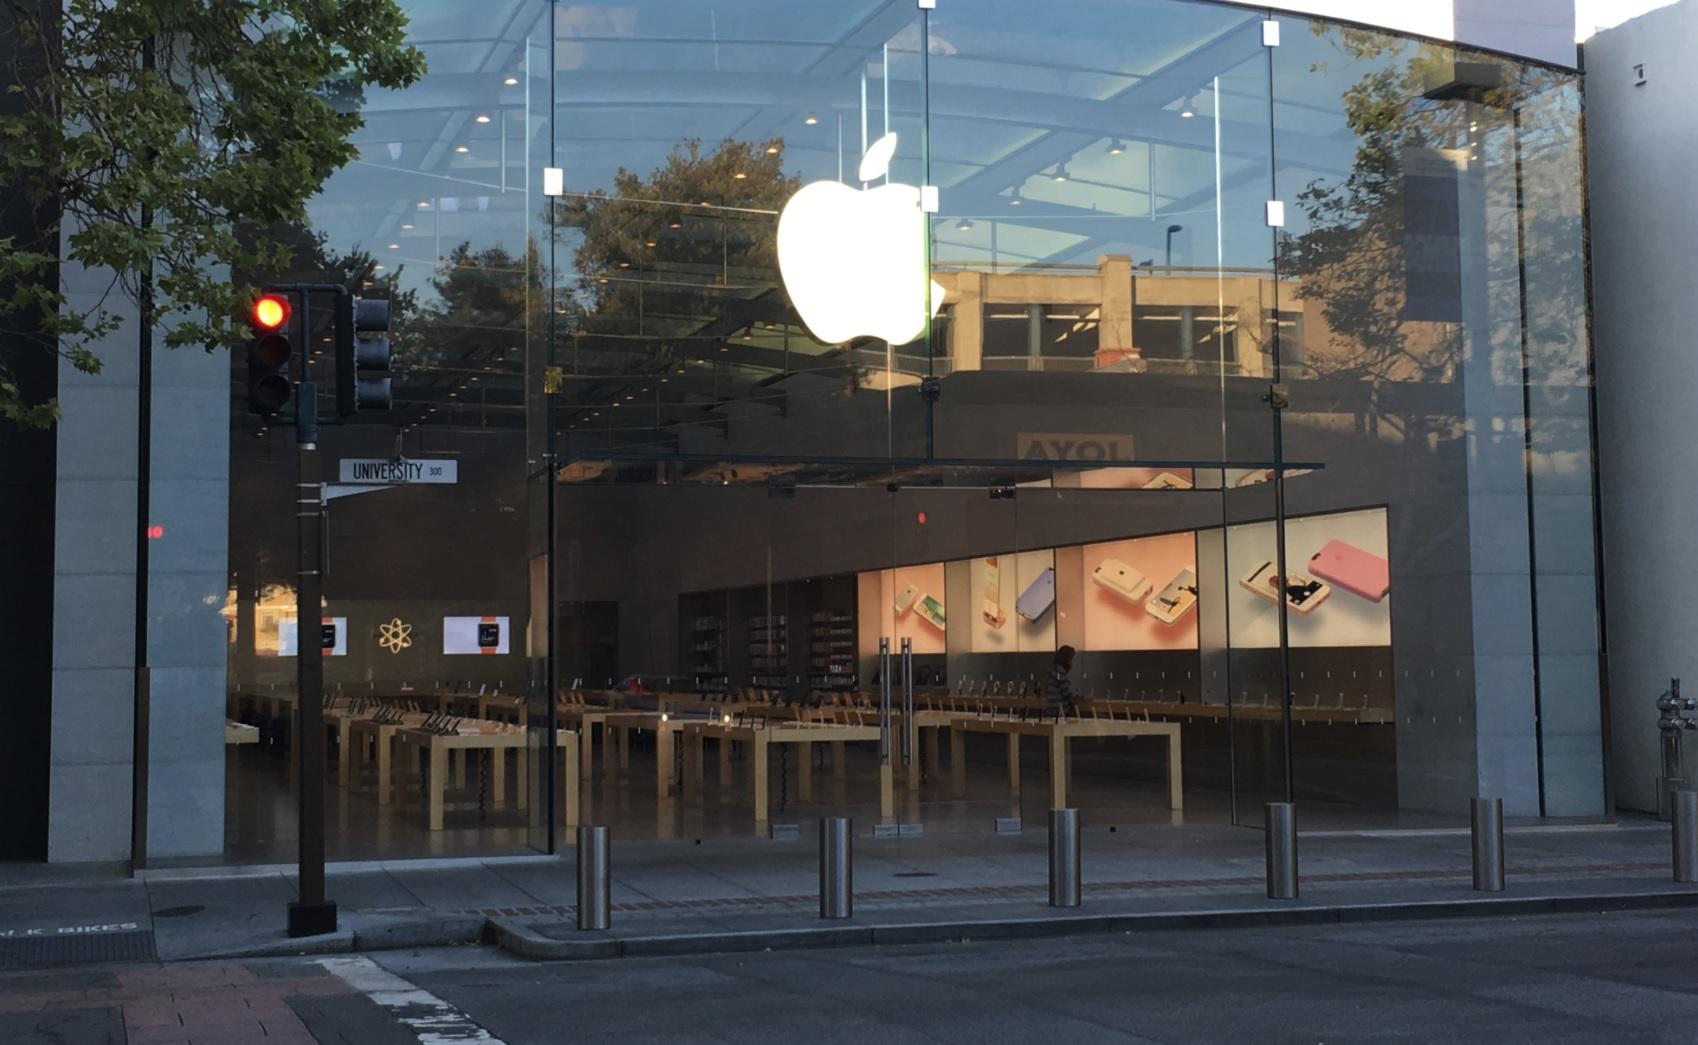 Apple hevder de ikke er skattesnyltere og at de forholder seg til nåværende regelverk.